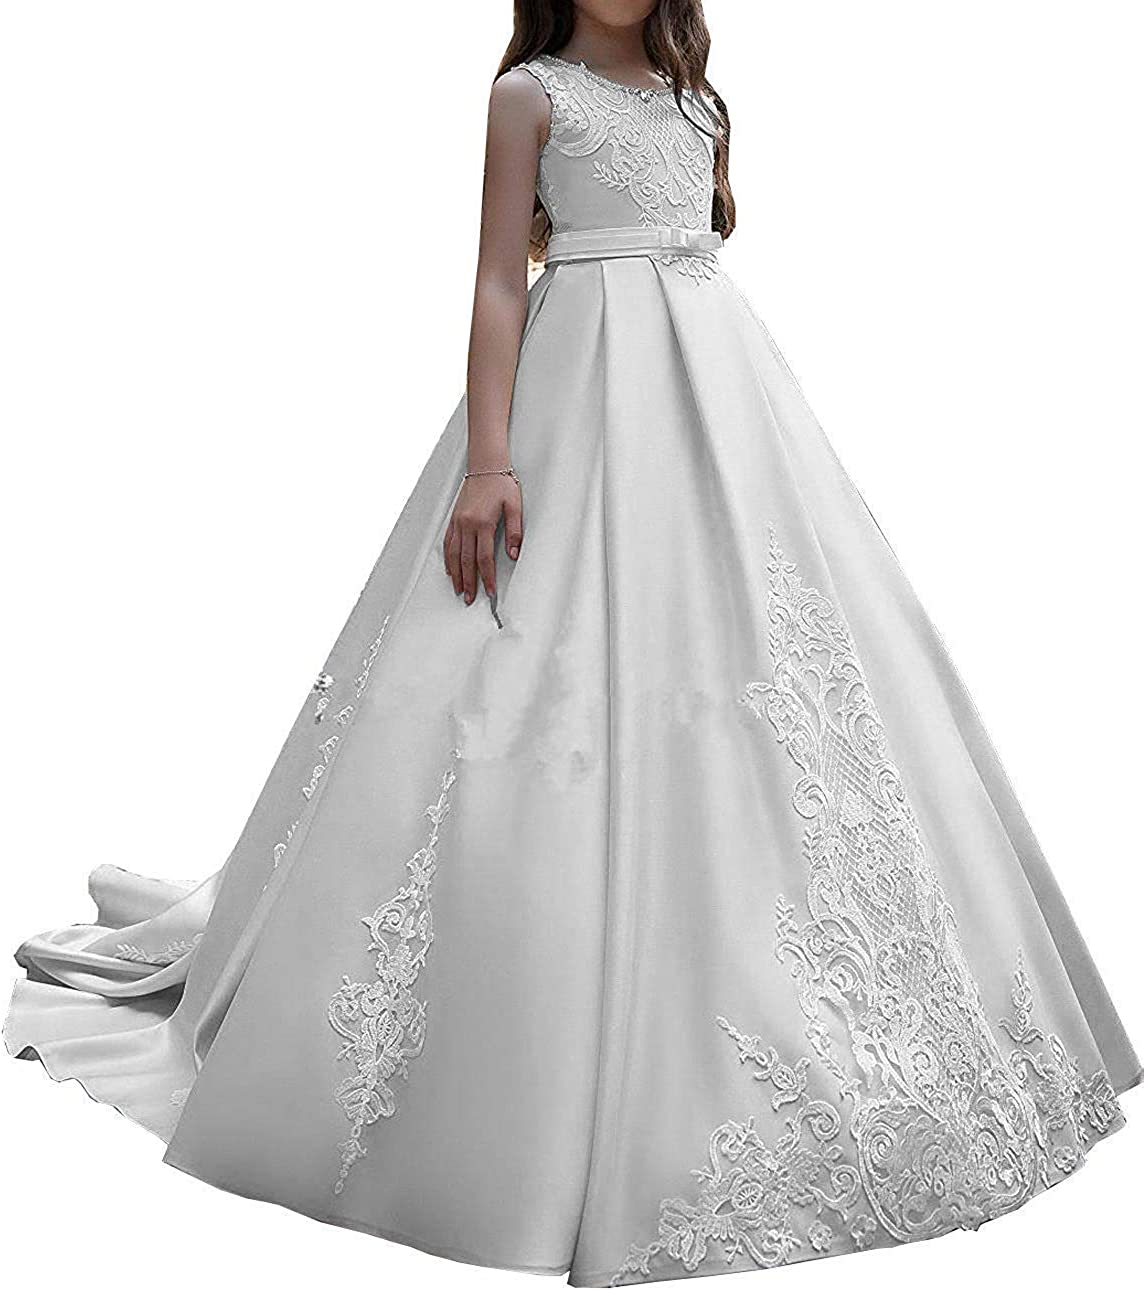 HEVECI Elegant Flower Girl Dress for Wedding Kids Satin Long Train Lace Girls Pageant Dress for Girls 7-16